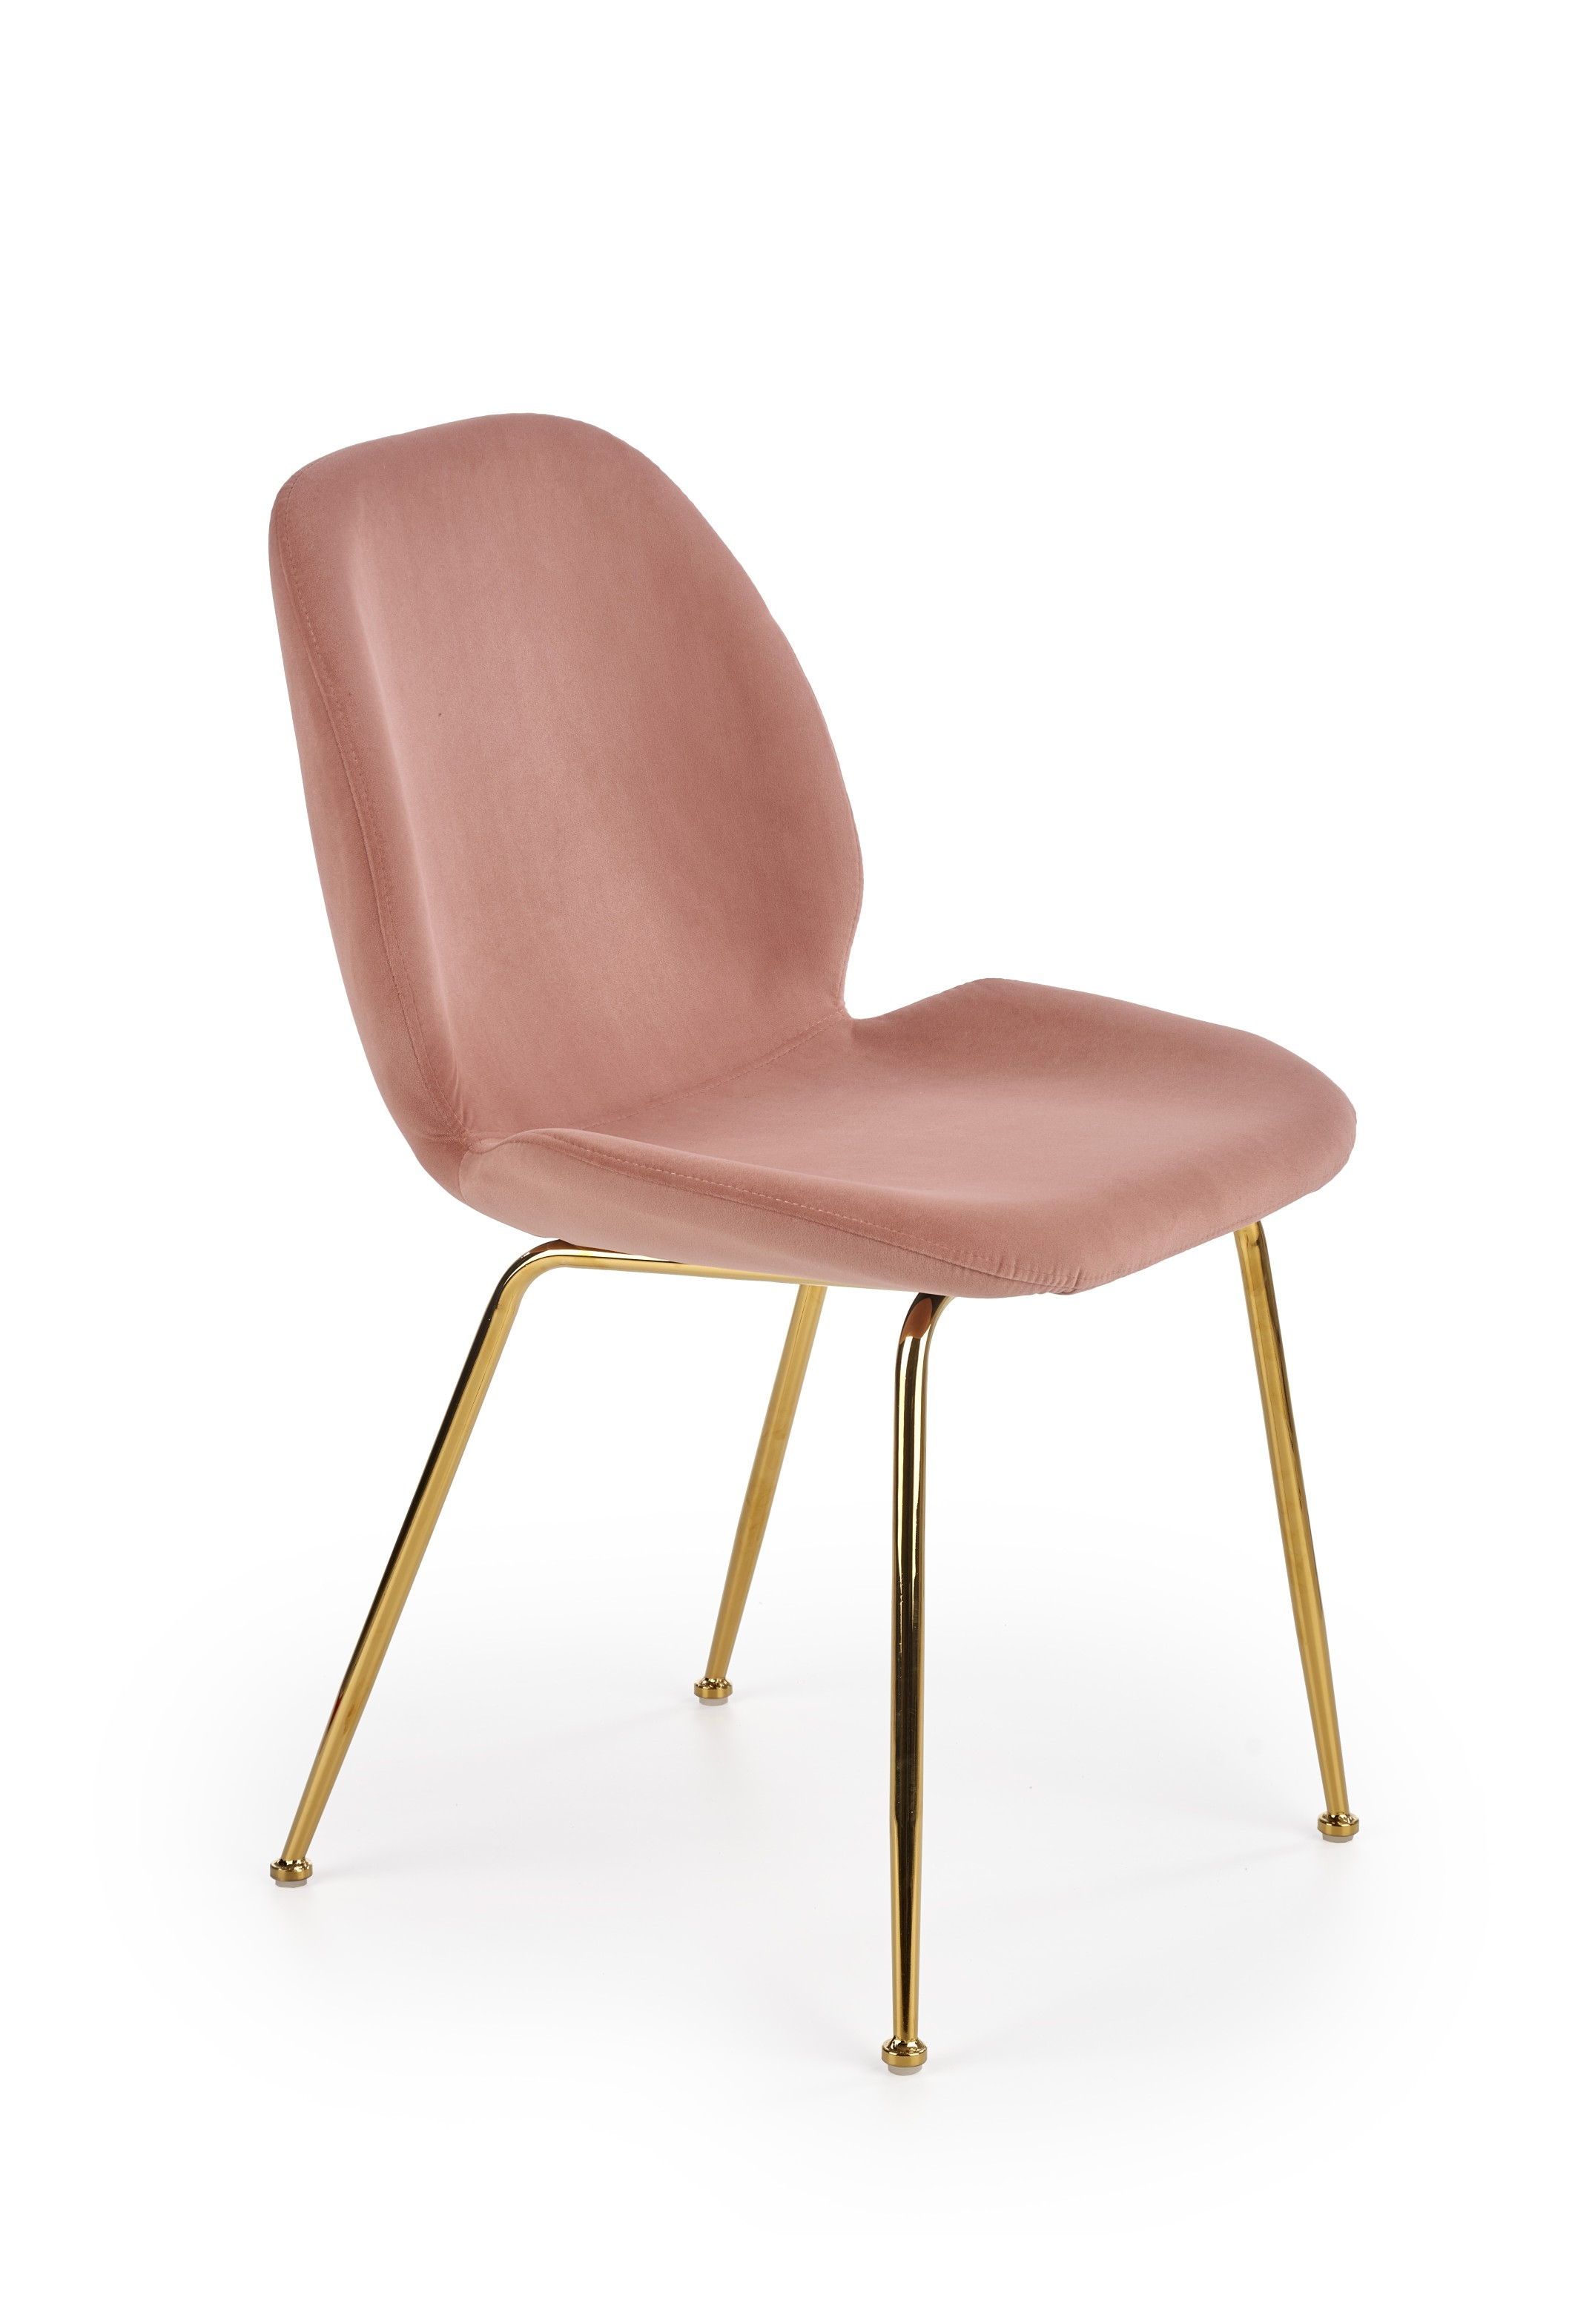 K381 krzesło różowy / złoty